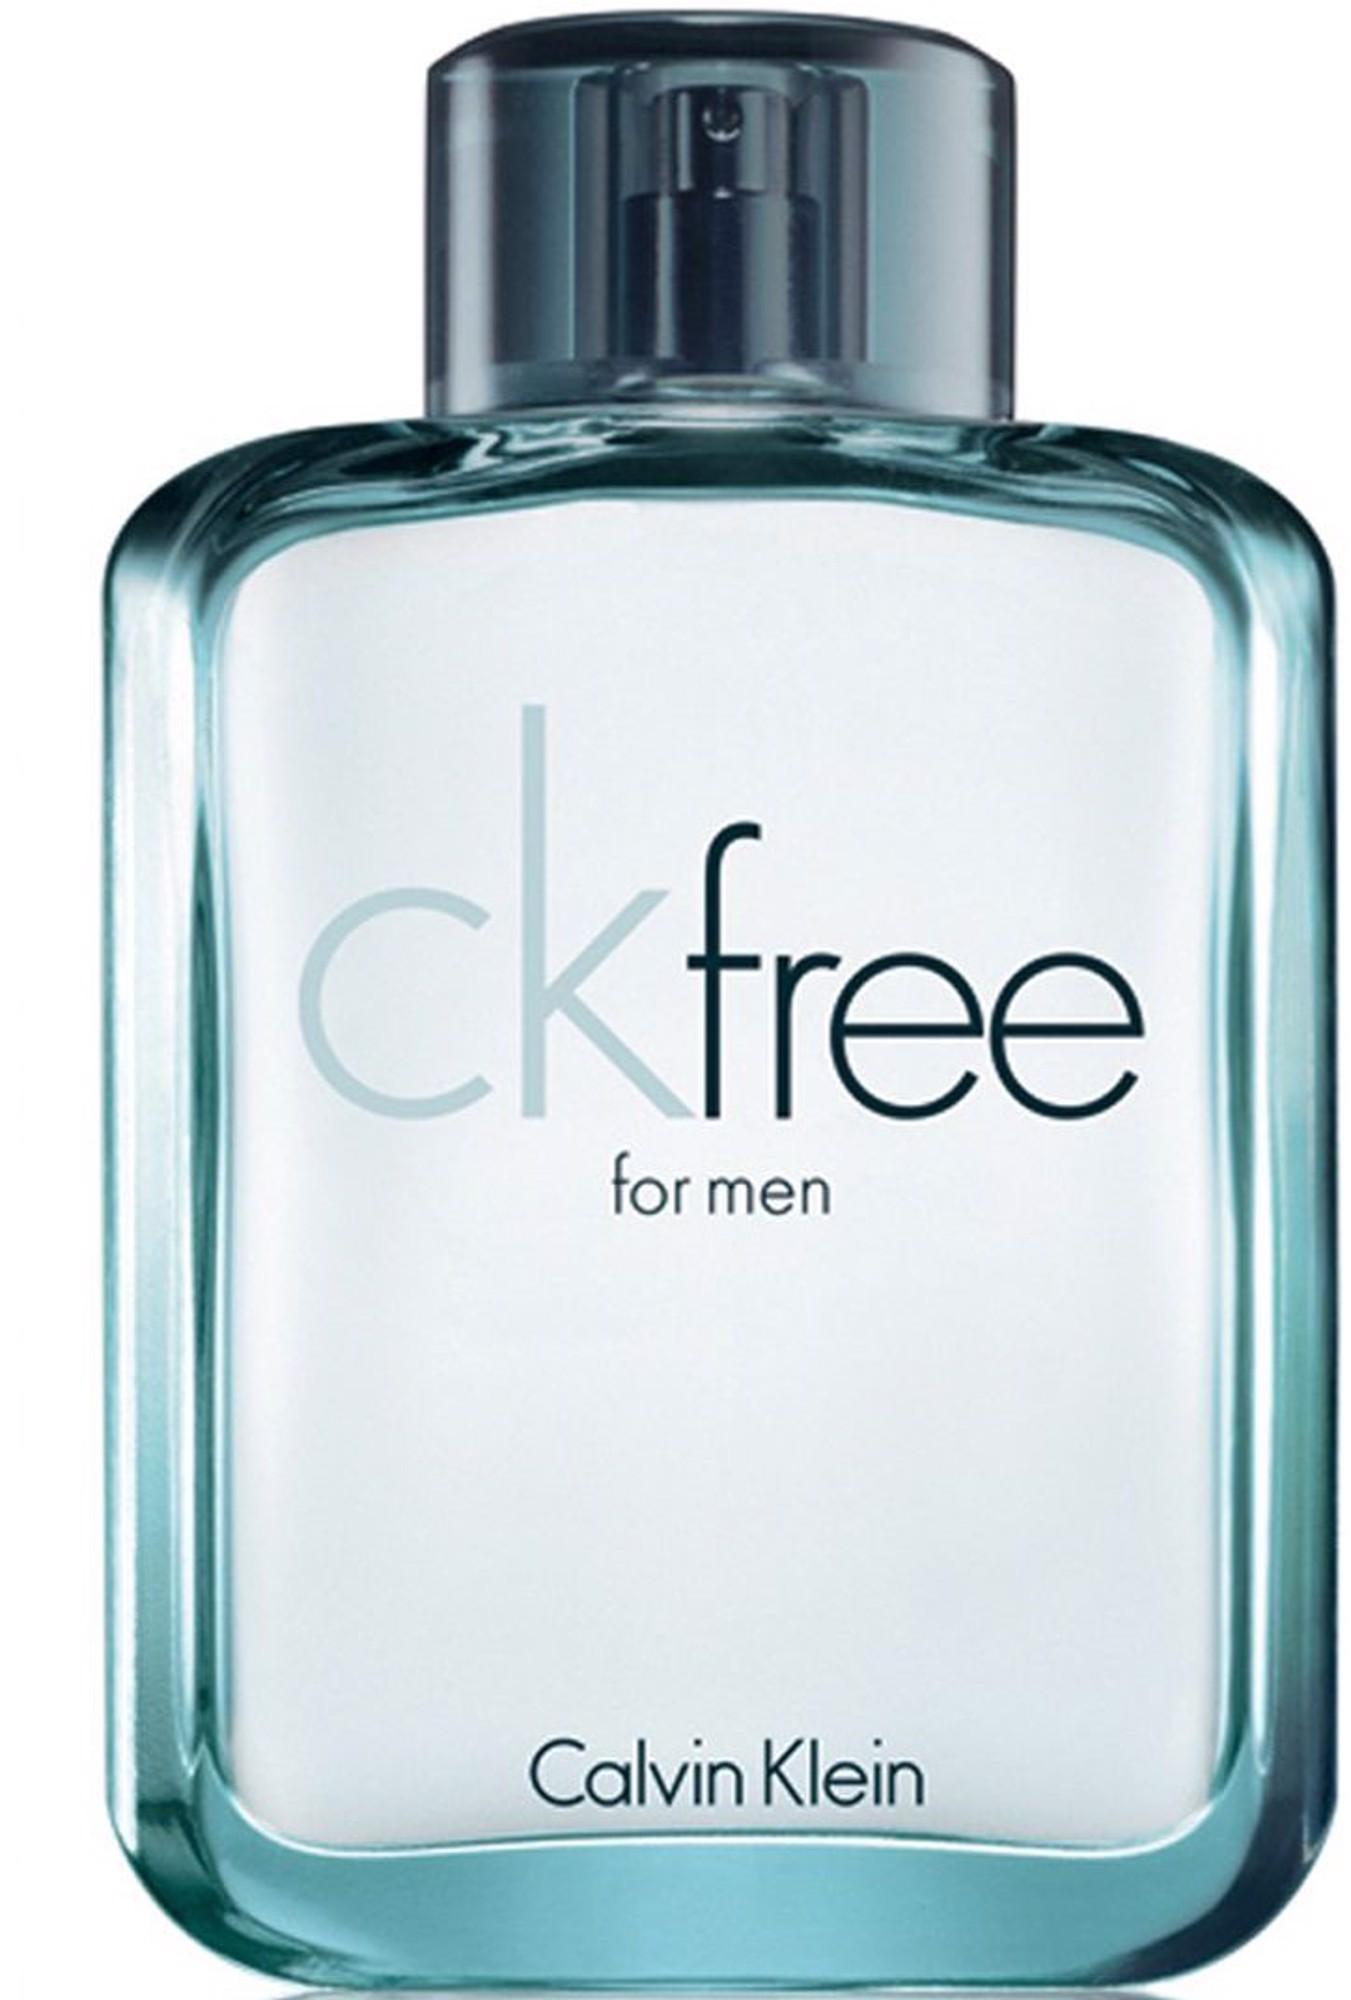 Ck Free Eau De Toilette